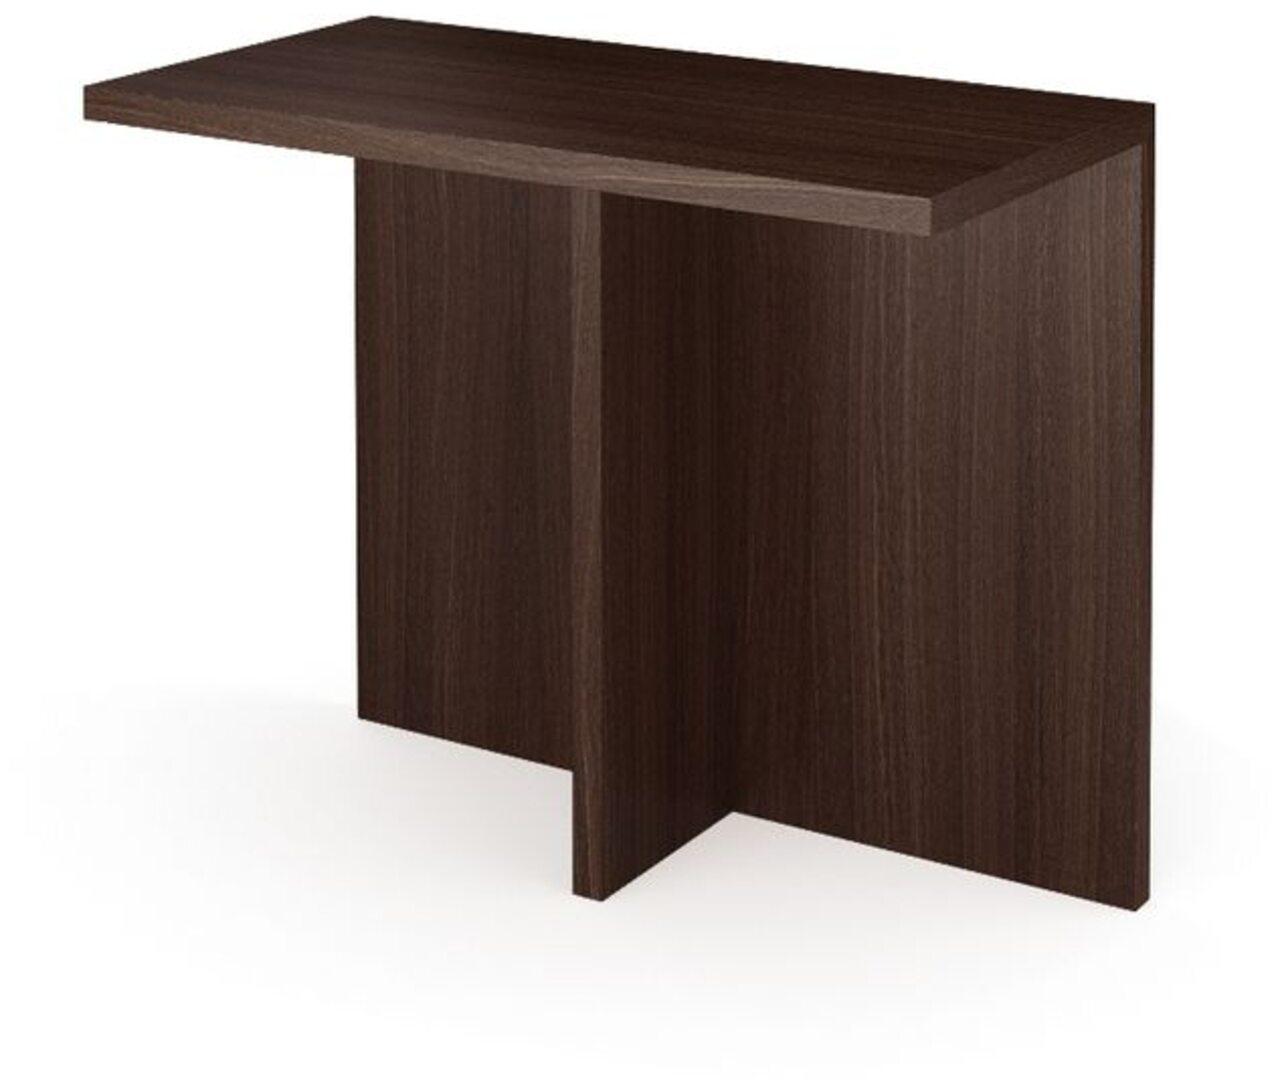 Окончание стола заседаний Акцент 135x90x75 - фото 1